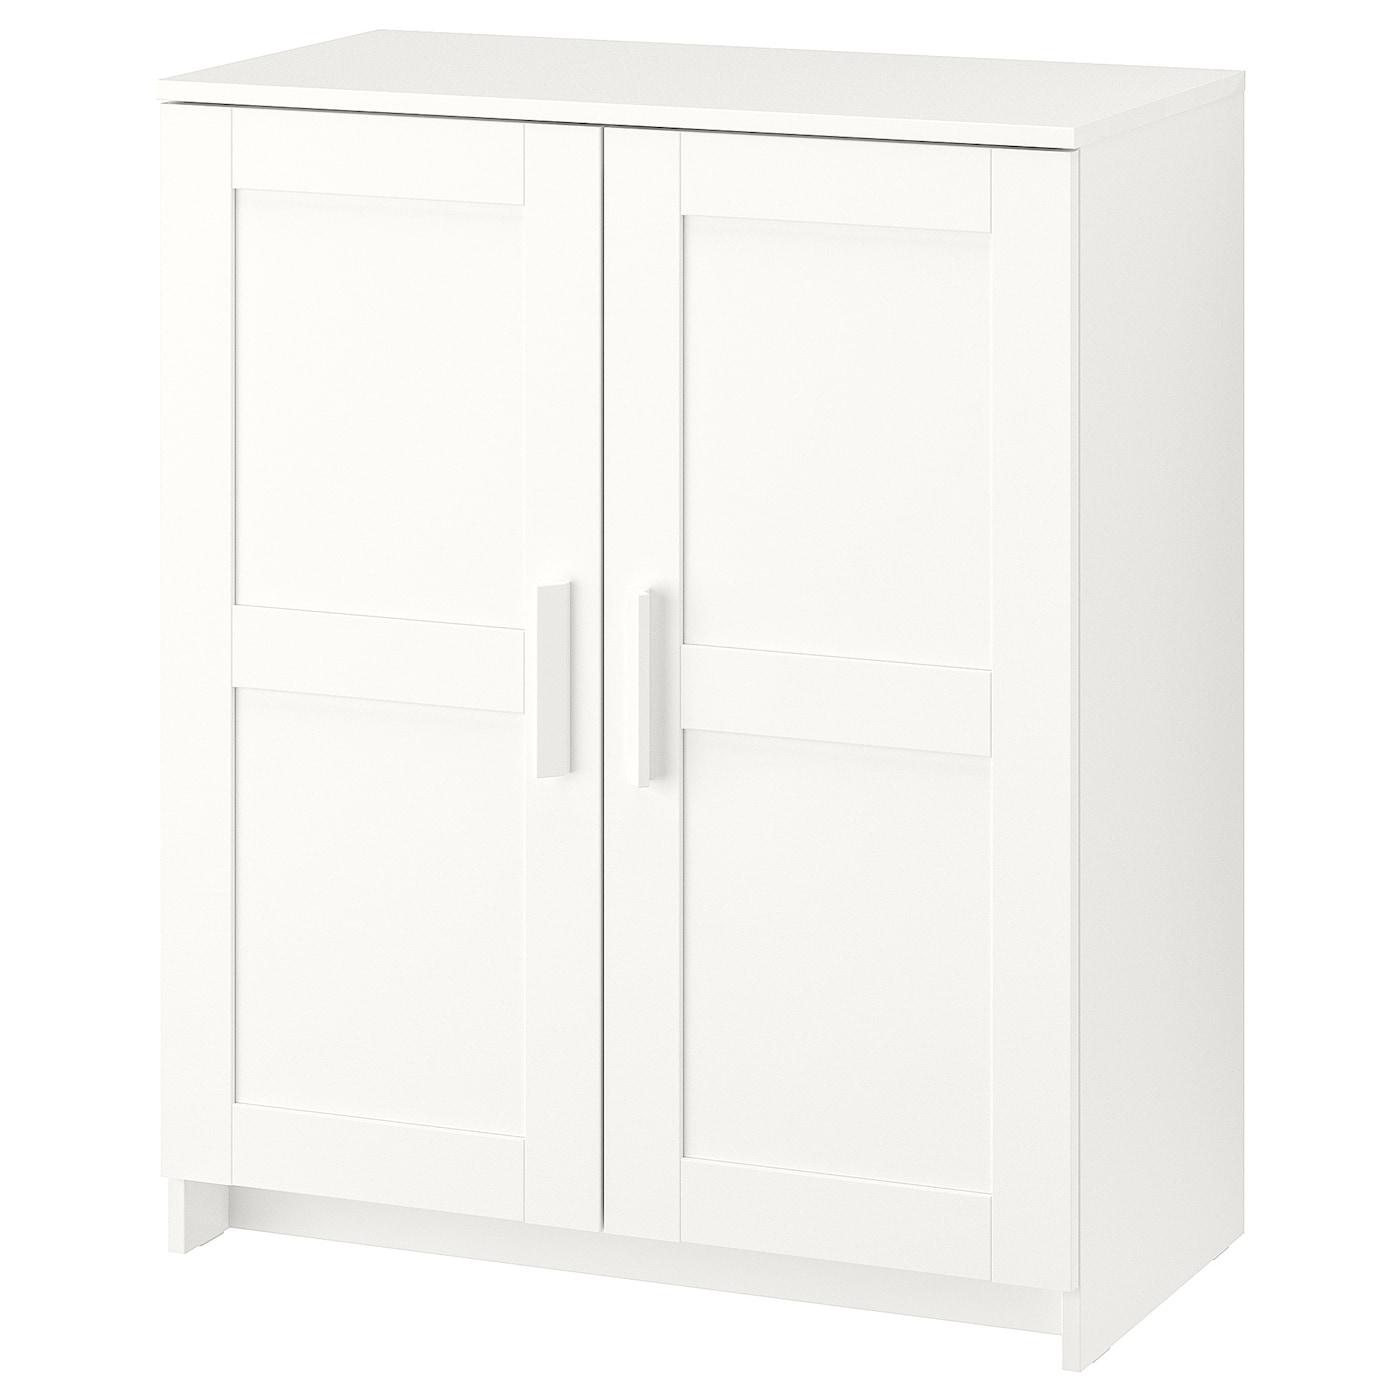 BRIMNES Schrank mit Türen - weiß 8x8 cm